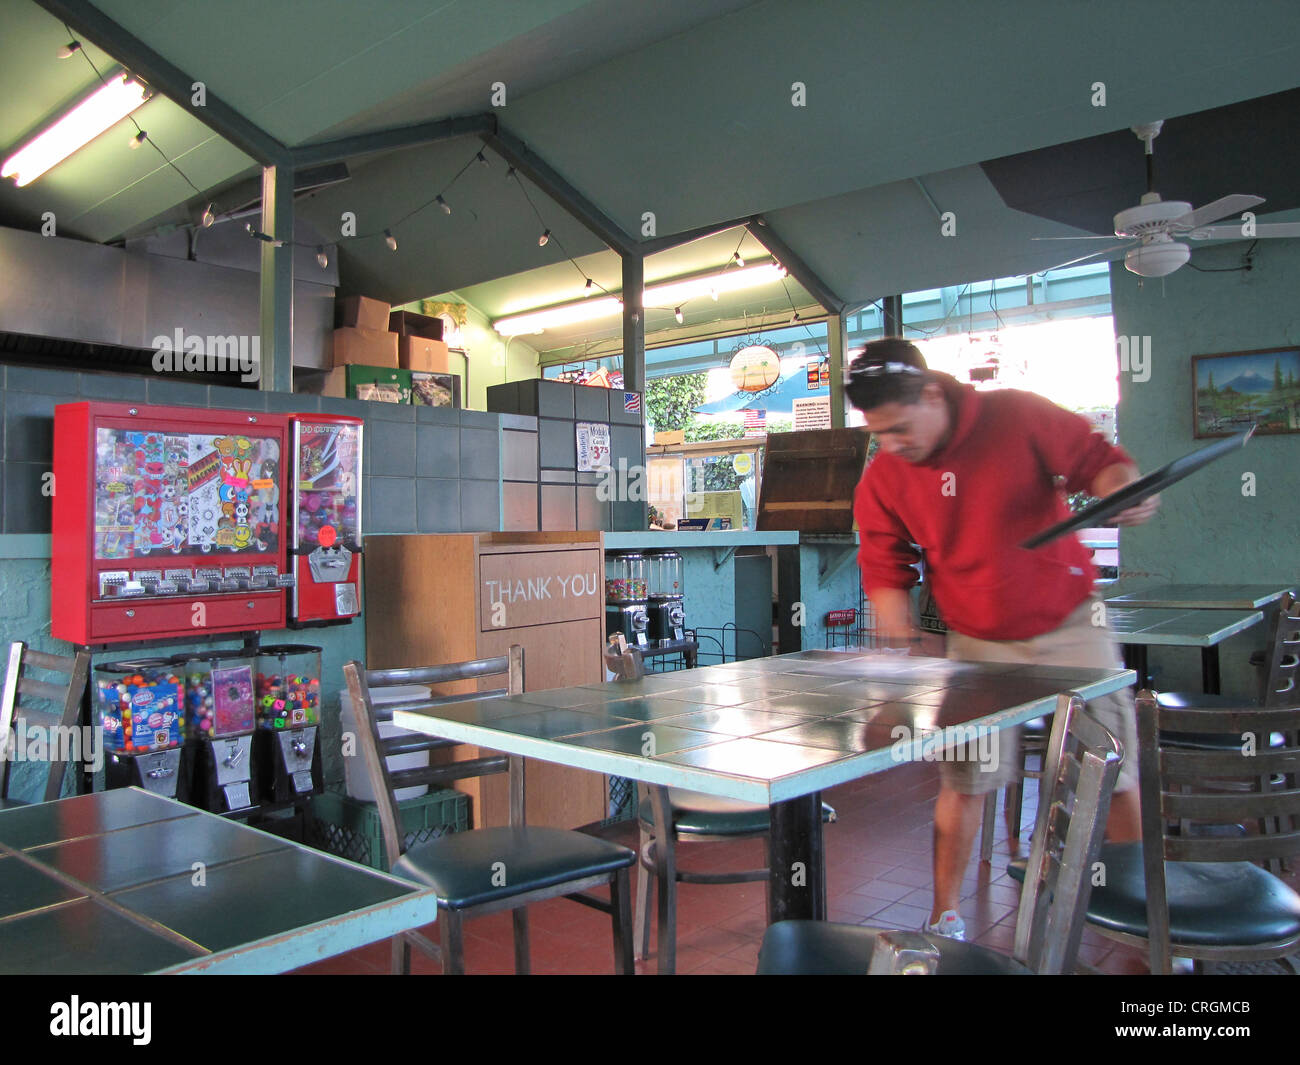 L'uomo tabella di pulizia in American fast food, chewing-gum macchina a sinistra dell'immagine, USA, California, Immagini Stock